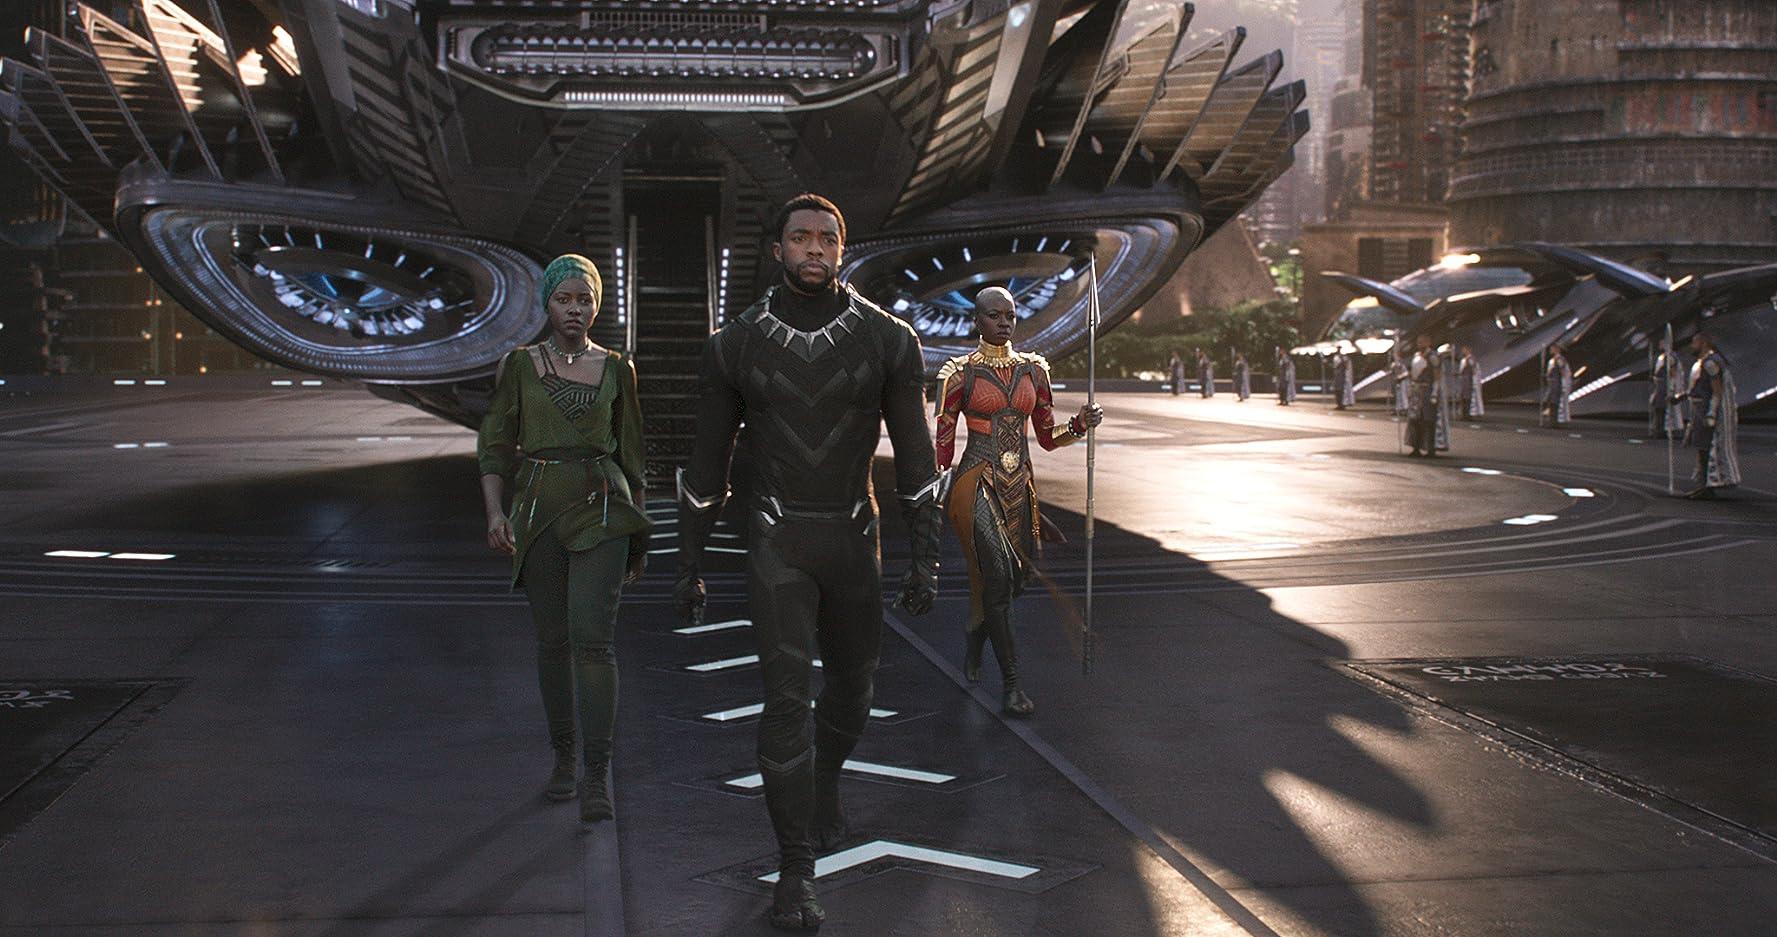 Chadwick Boseman, Danai Gurira, and Lupita Nyong'o in Black Panther (2018)